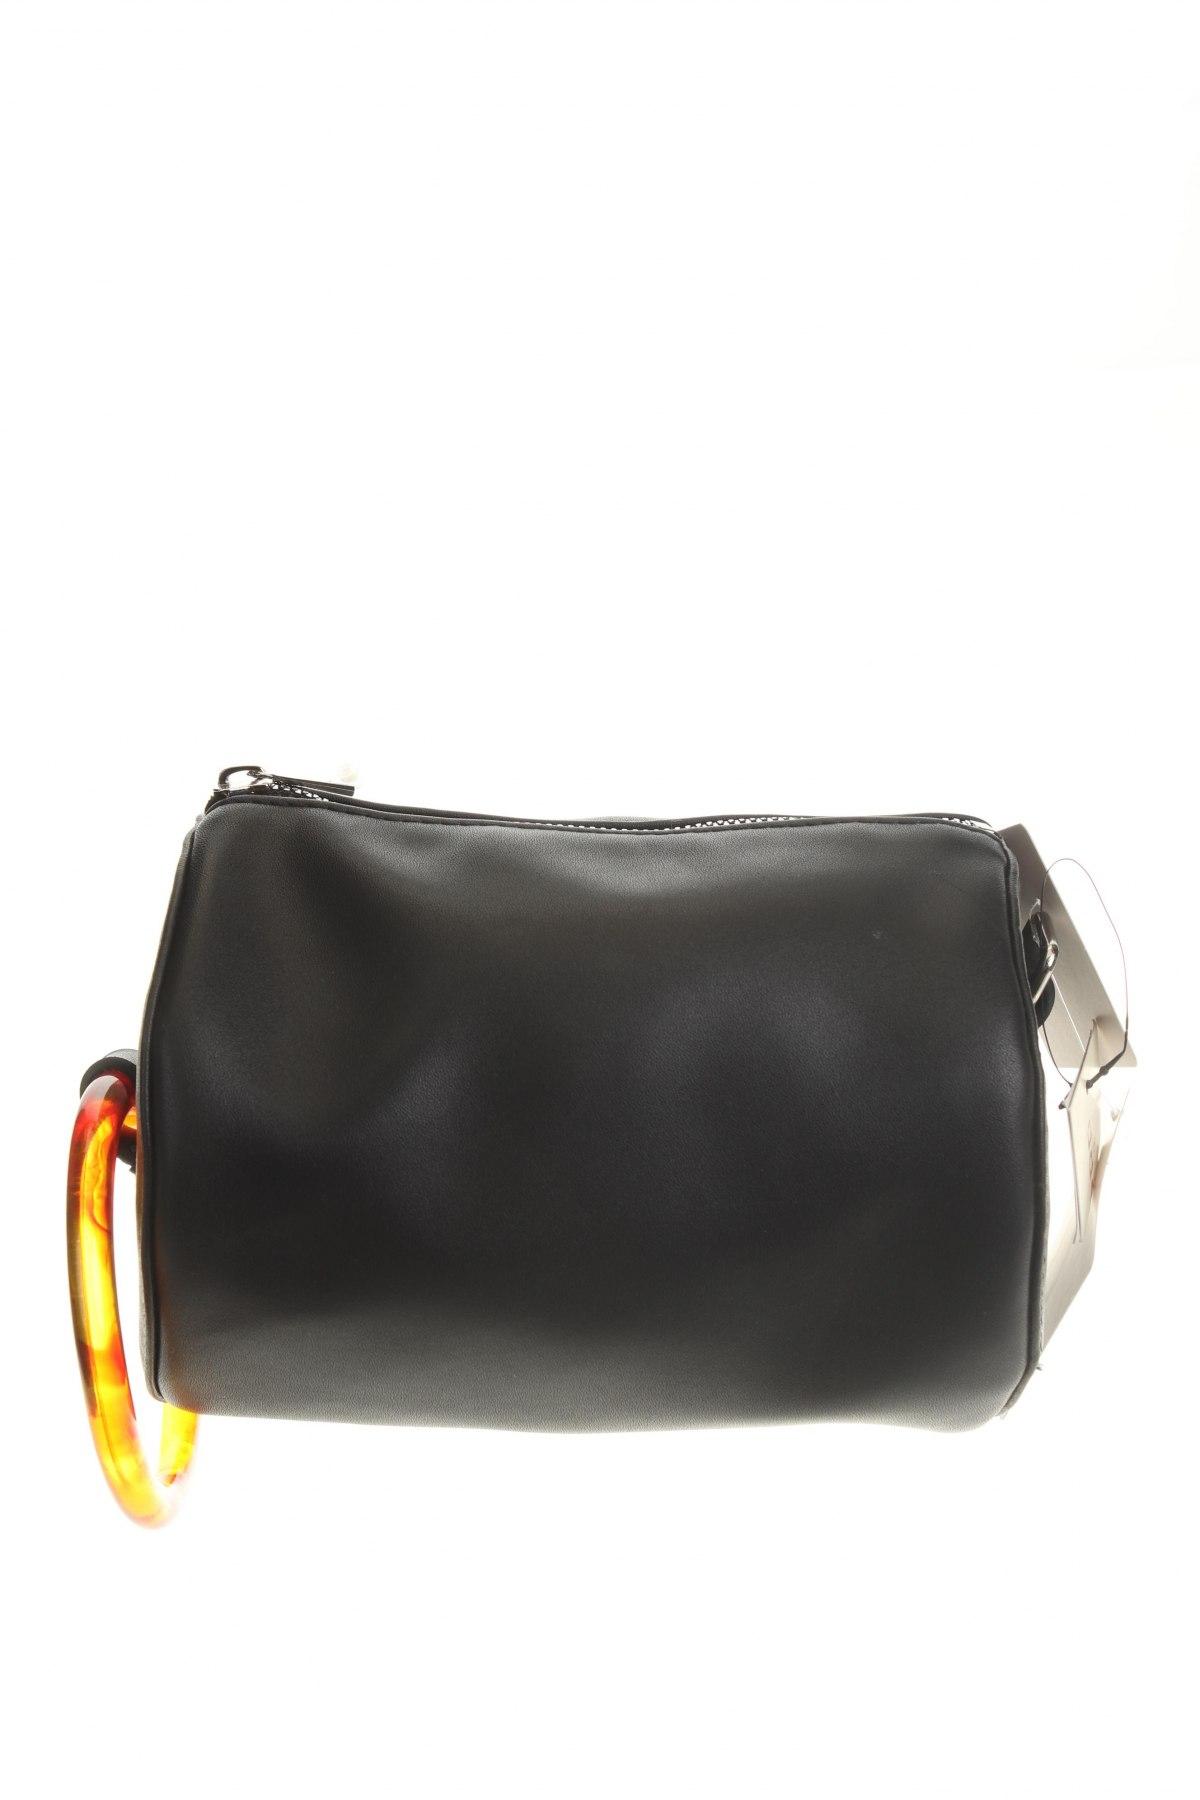 Дамска чанта Cropp, Цвят Черен, Еко кожа, Цена 36,75лв.